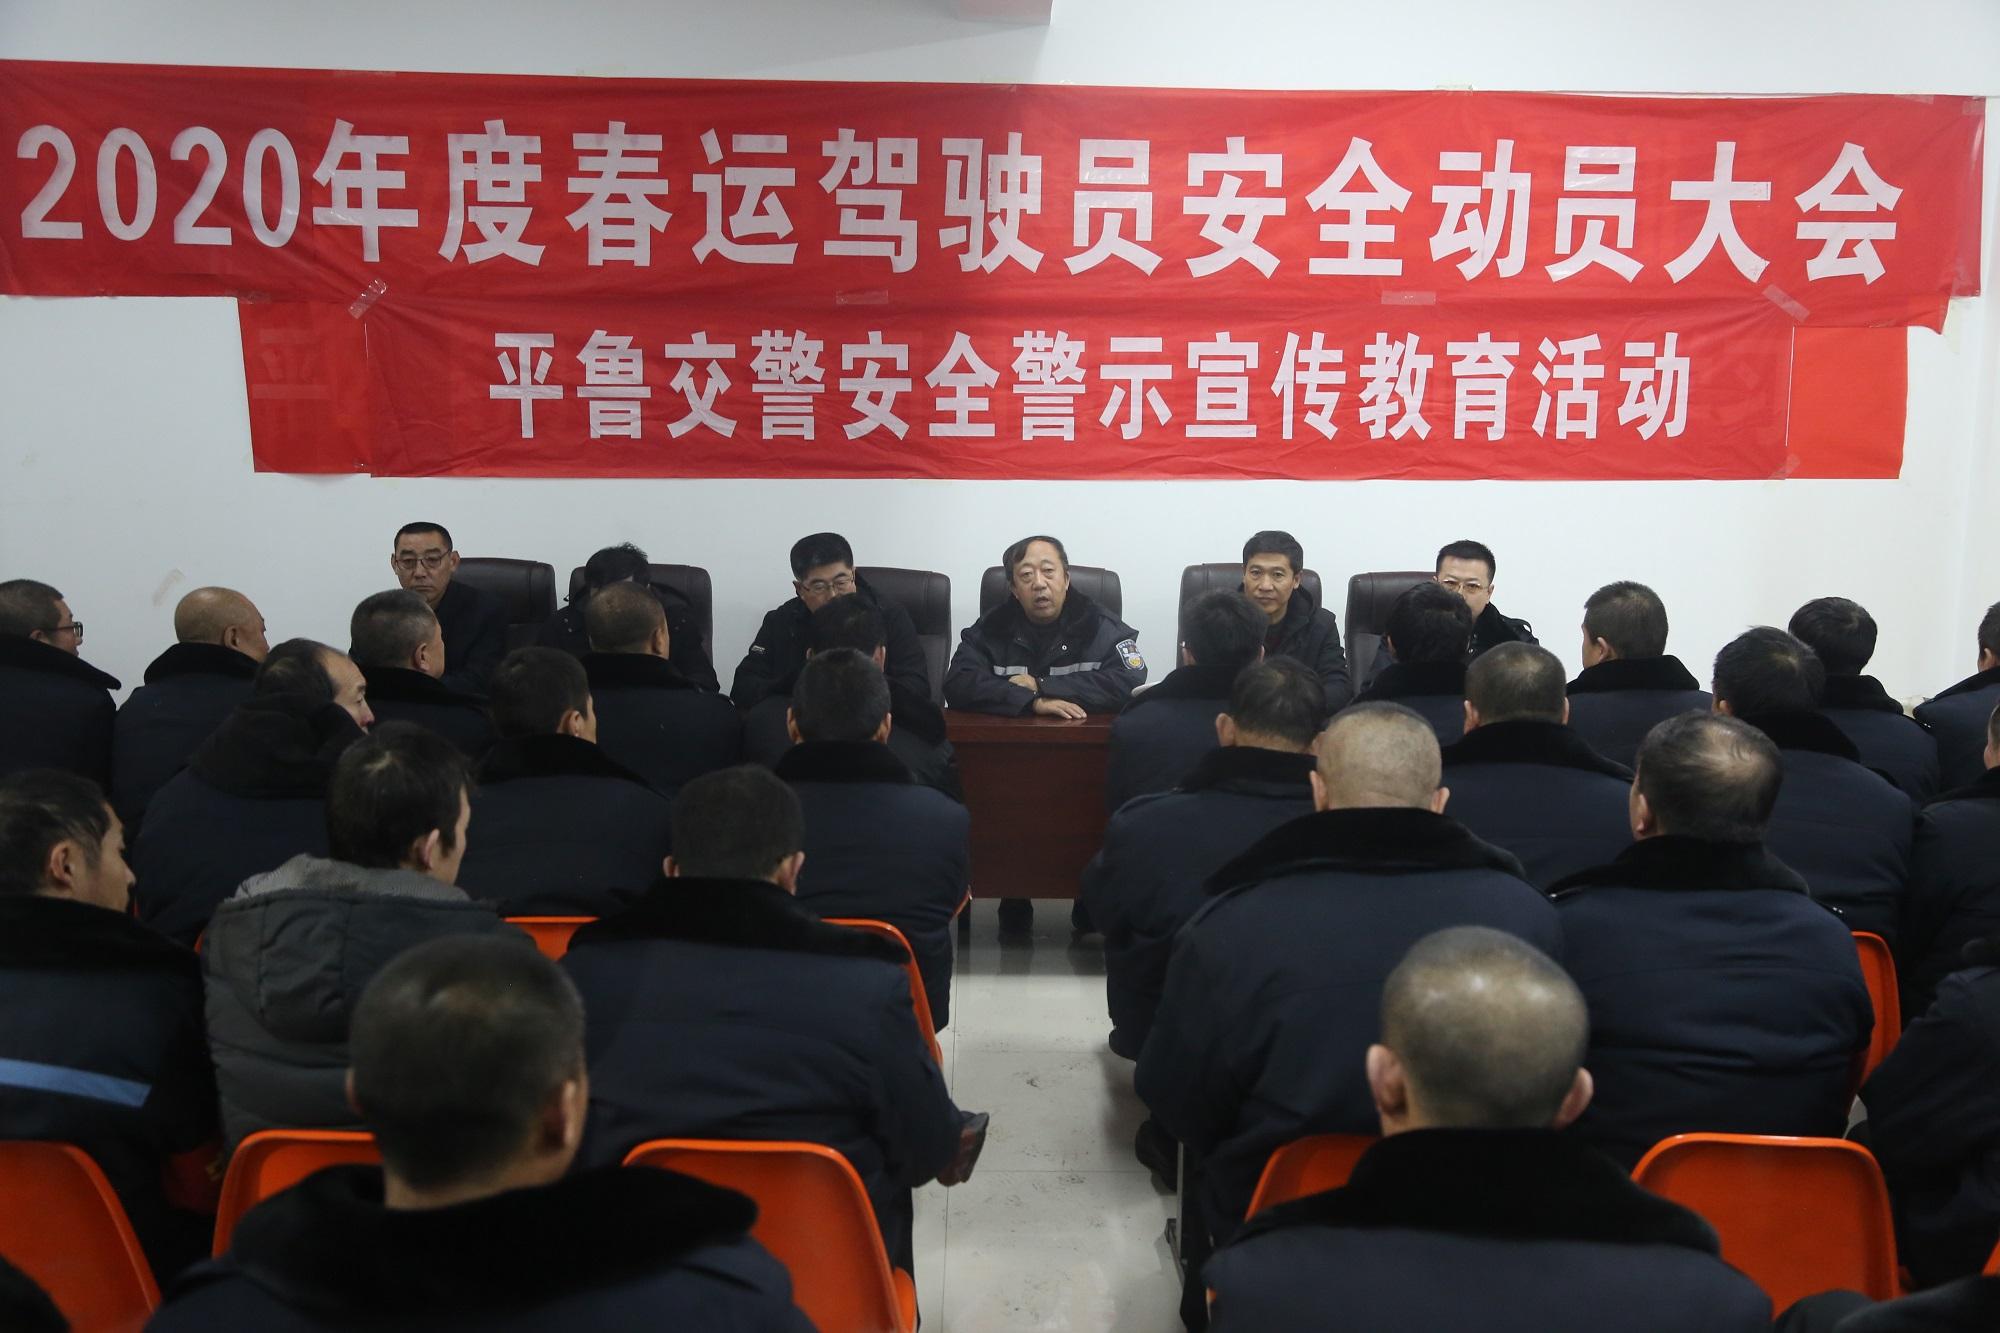 http://www.weixinrensheng.com/zhichang/1442885.html